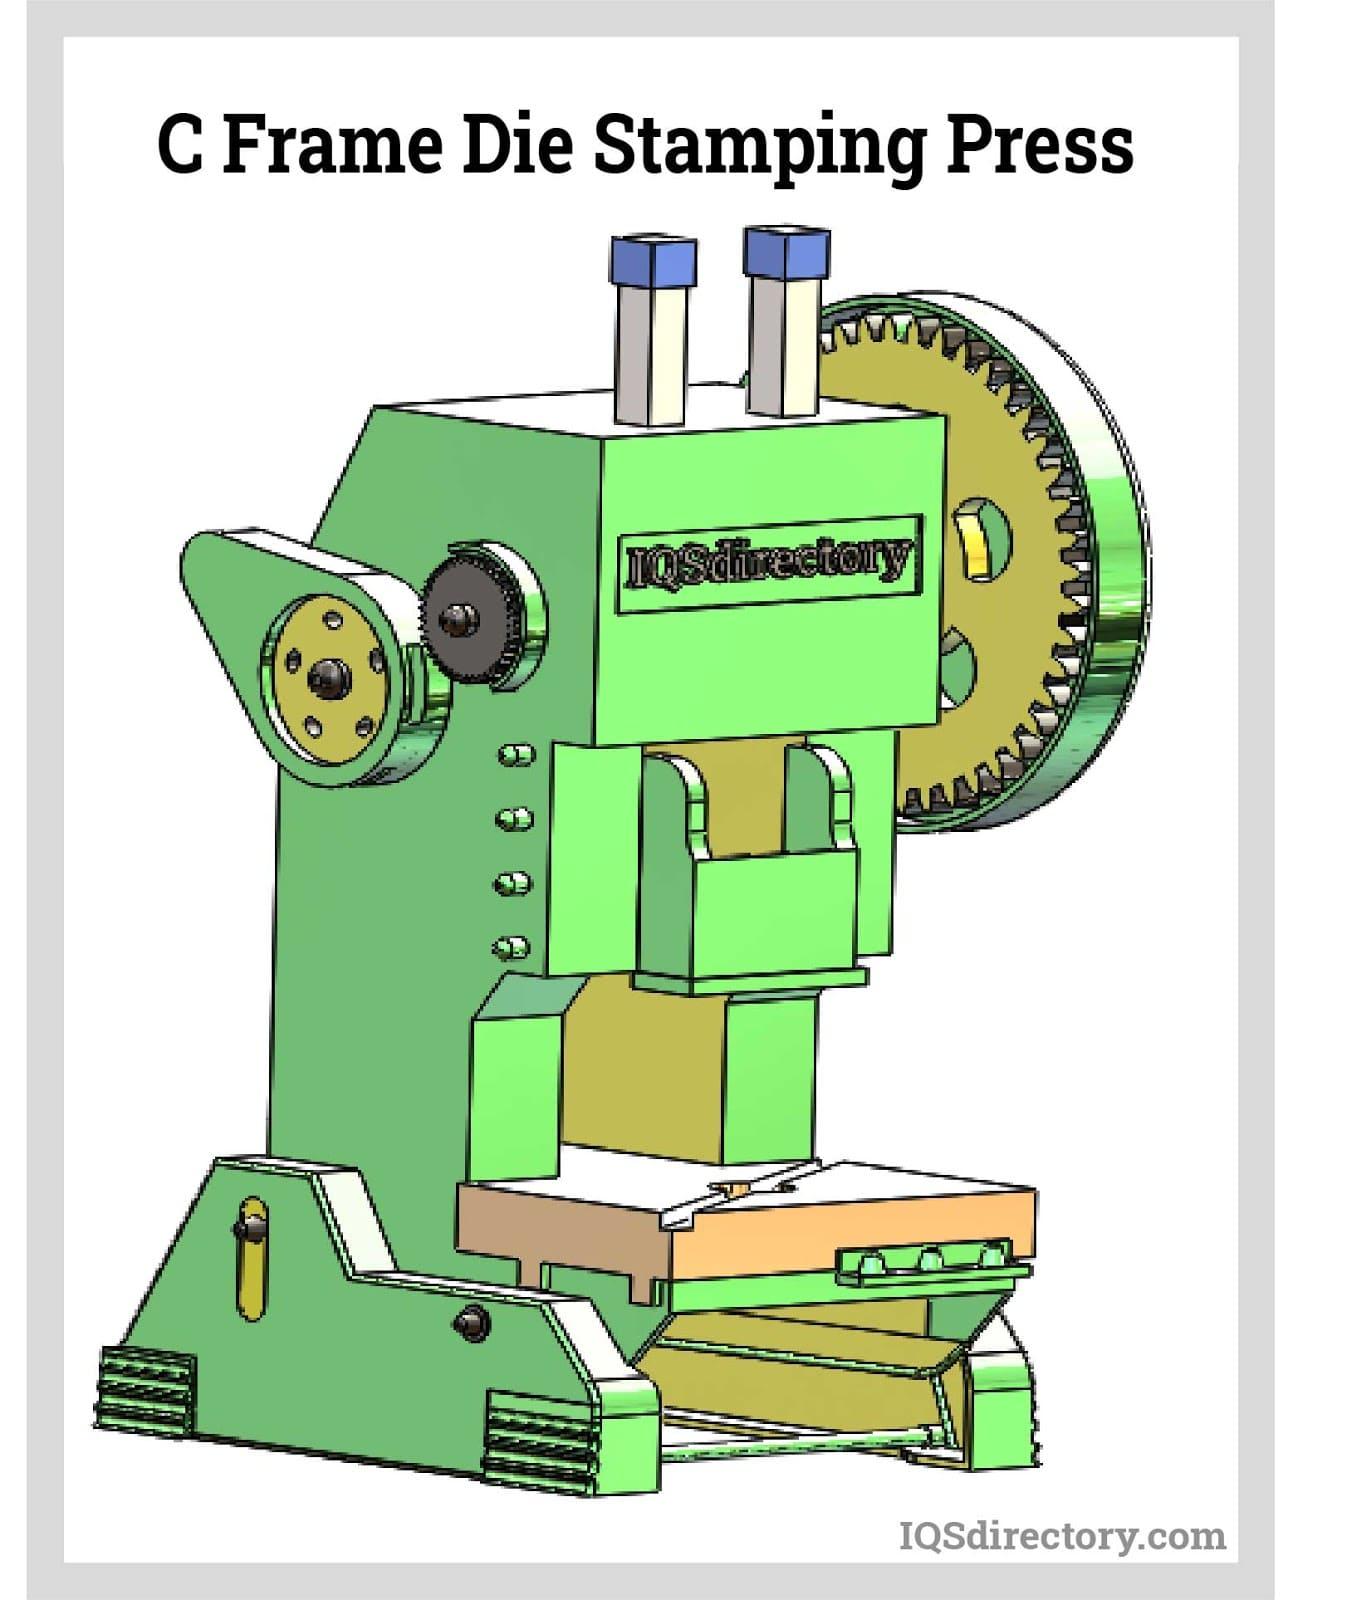 C Frame Die Stamping Press